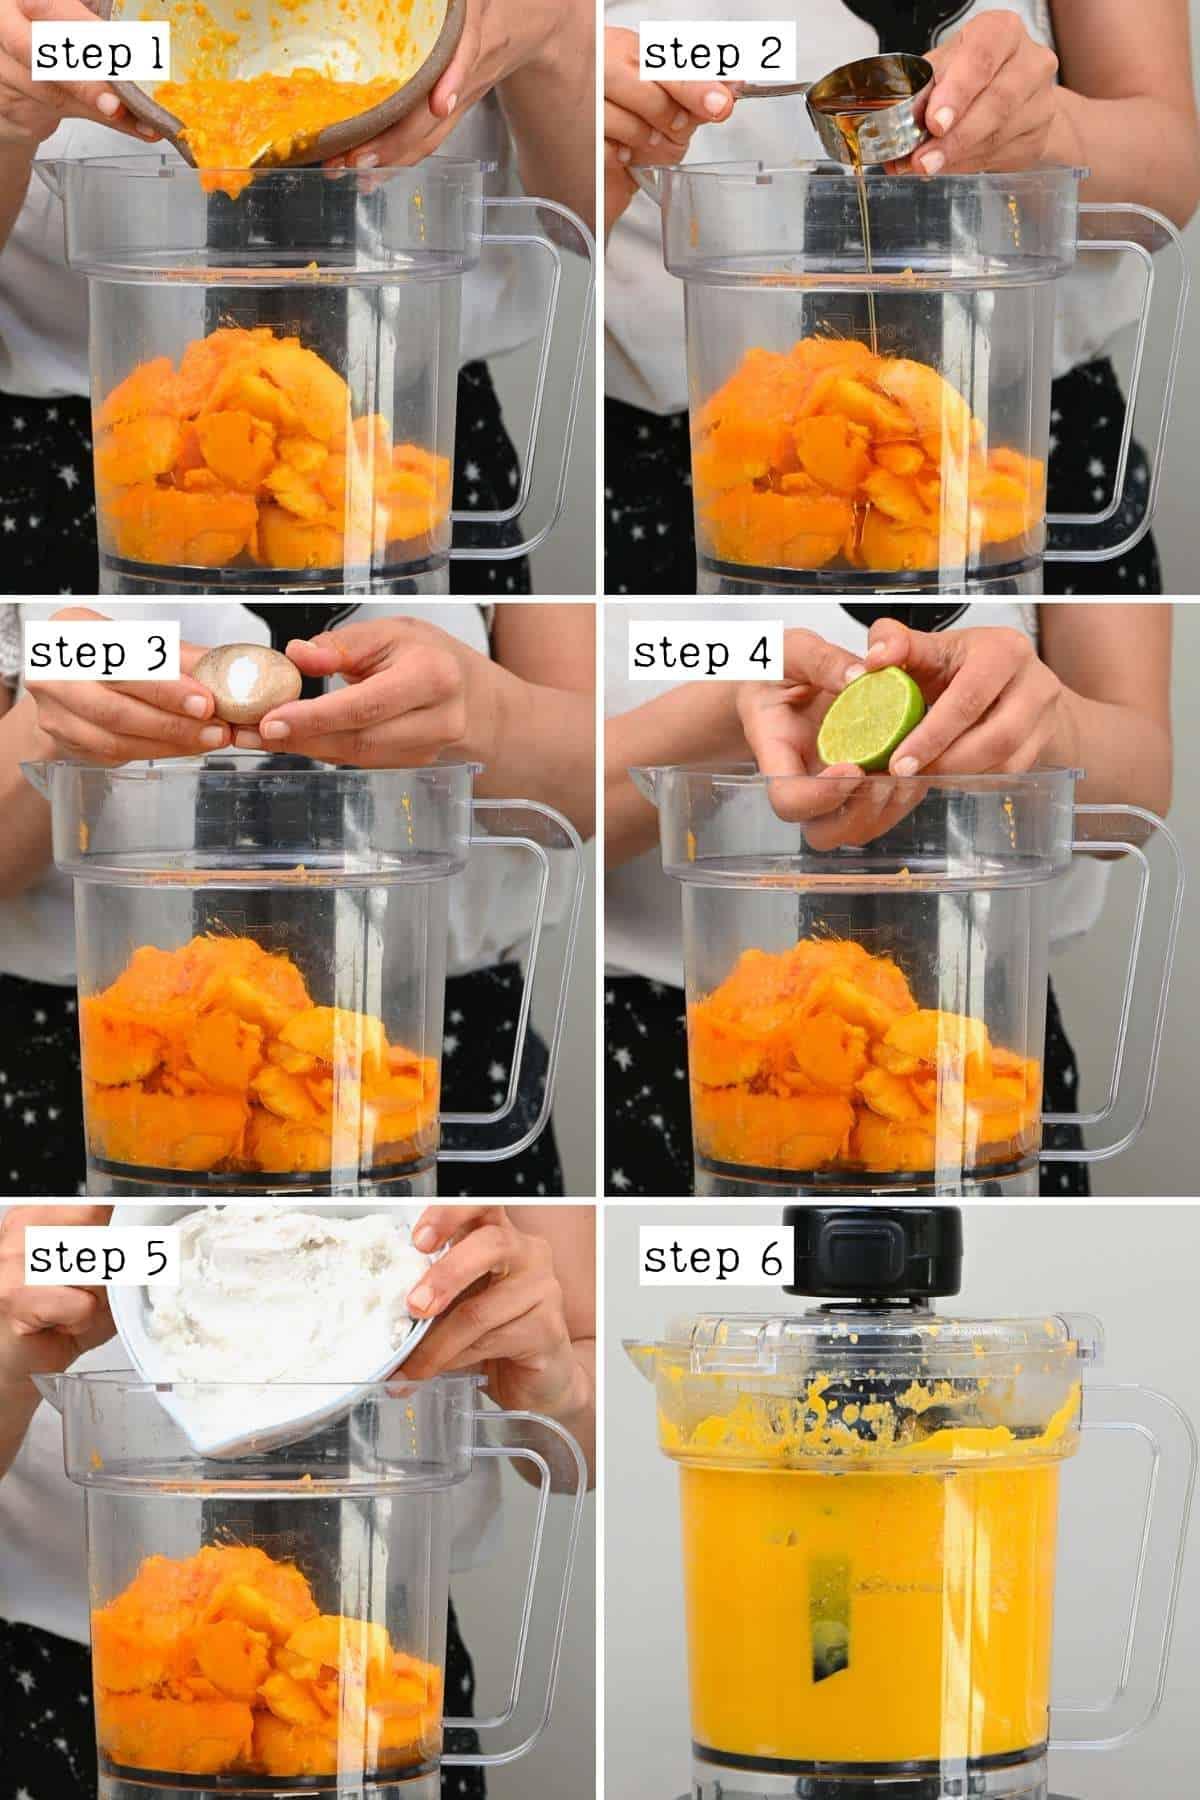 Steps for preparing base for mango ice cream